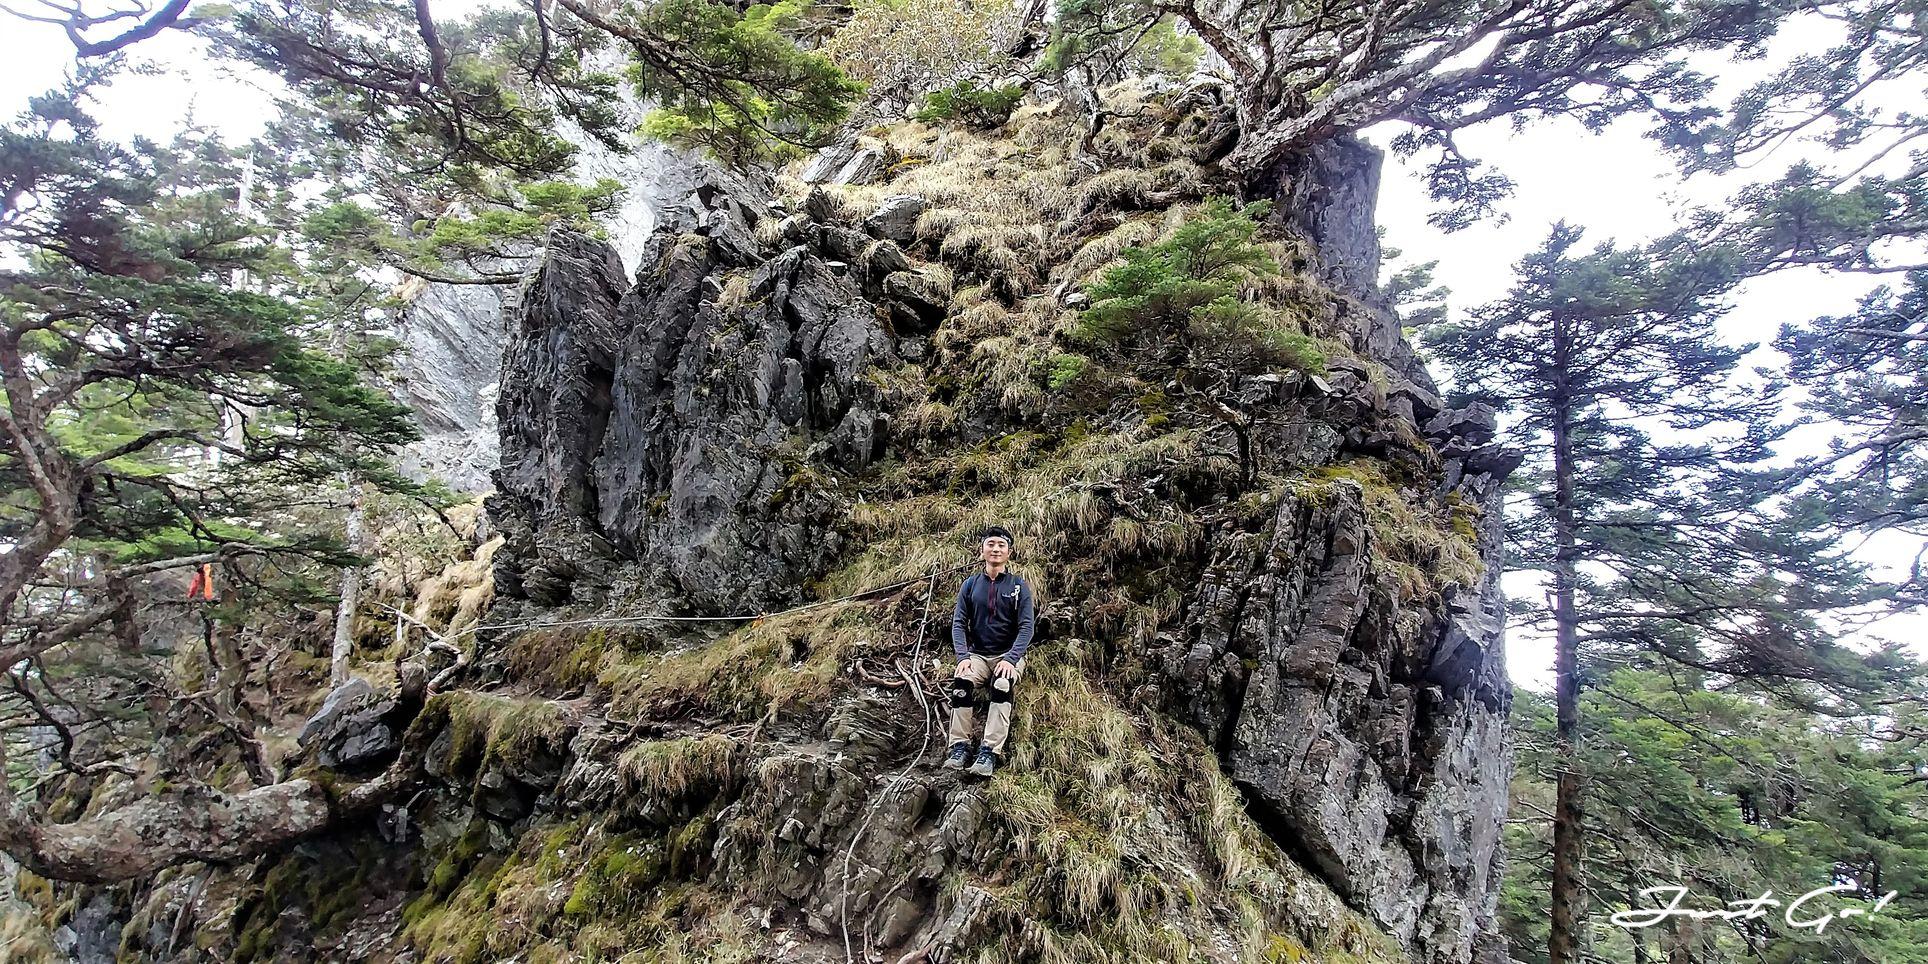 台灣 - 一日百岳·畢祿羊頭縱走單攻紀錄- gpx路線、申請、接駁及遊記17